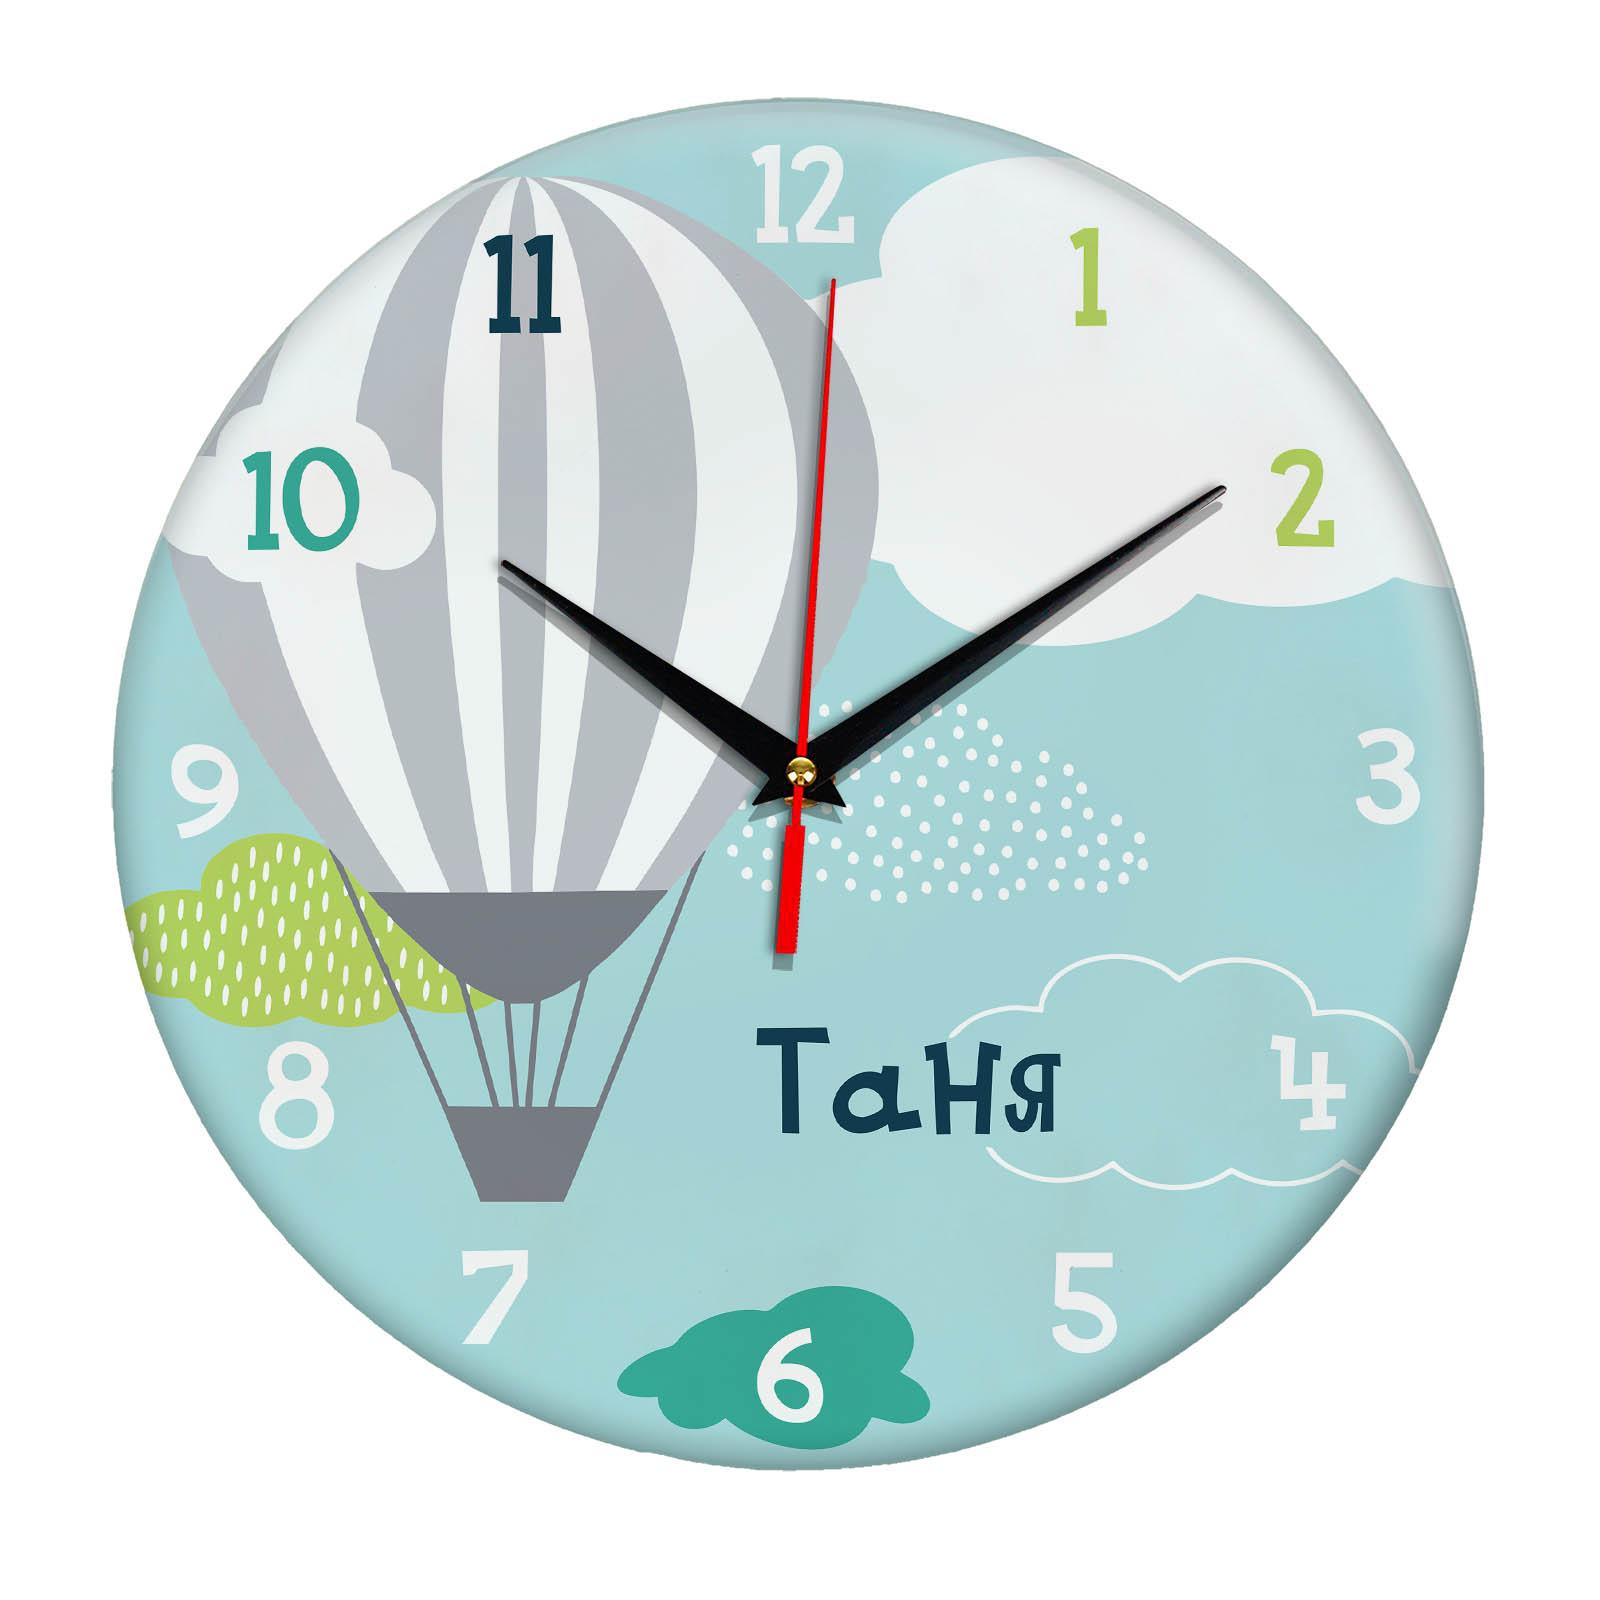 Подарок именной - Настенные часы с именем Таня